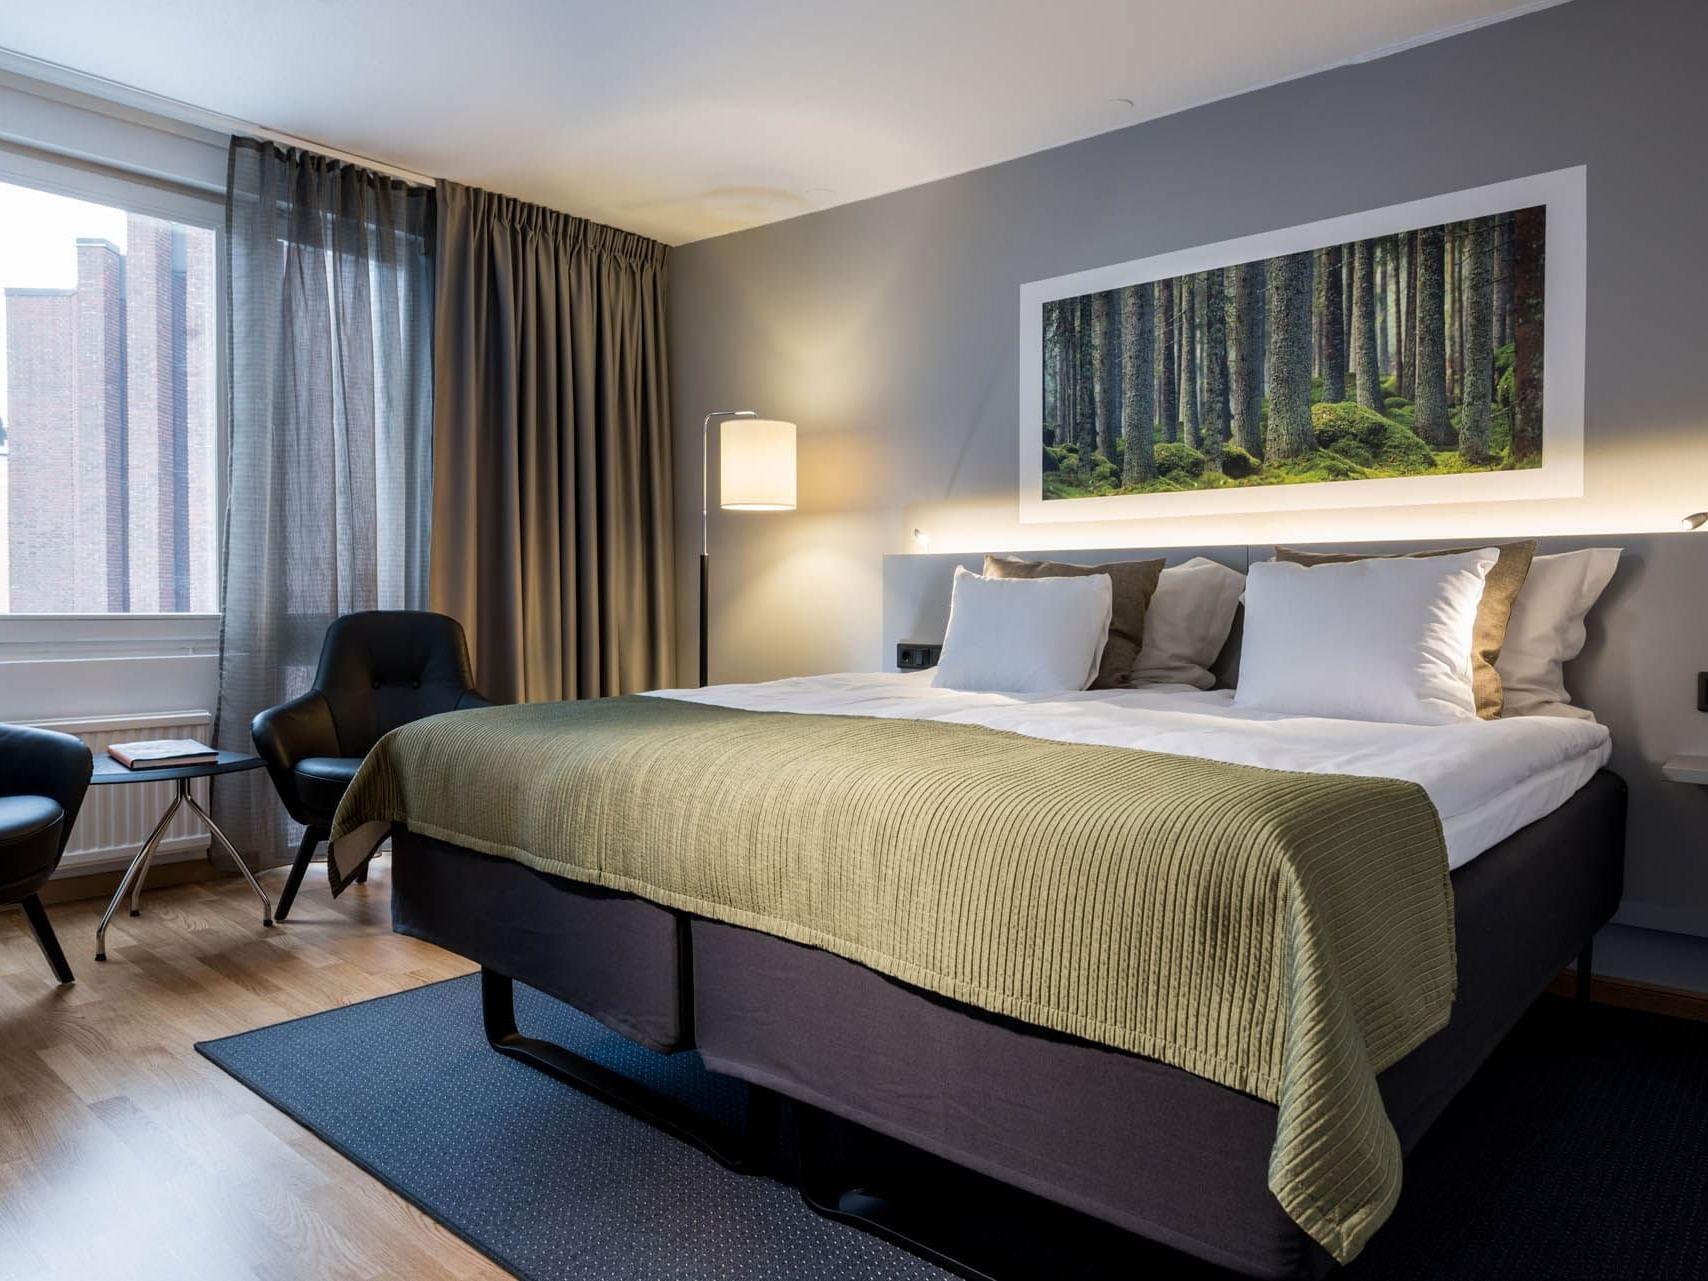 Double Superior Room at Hotel Birger Jarl in Stockholm, Sweden